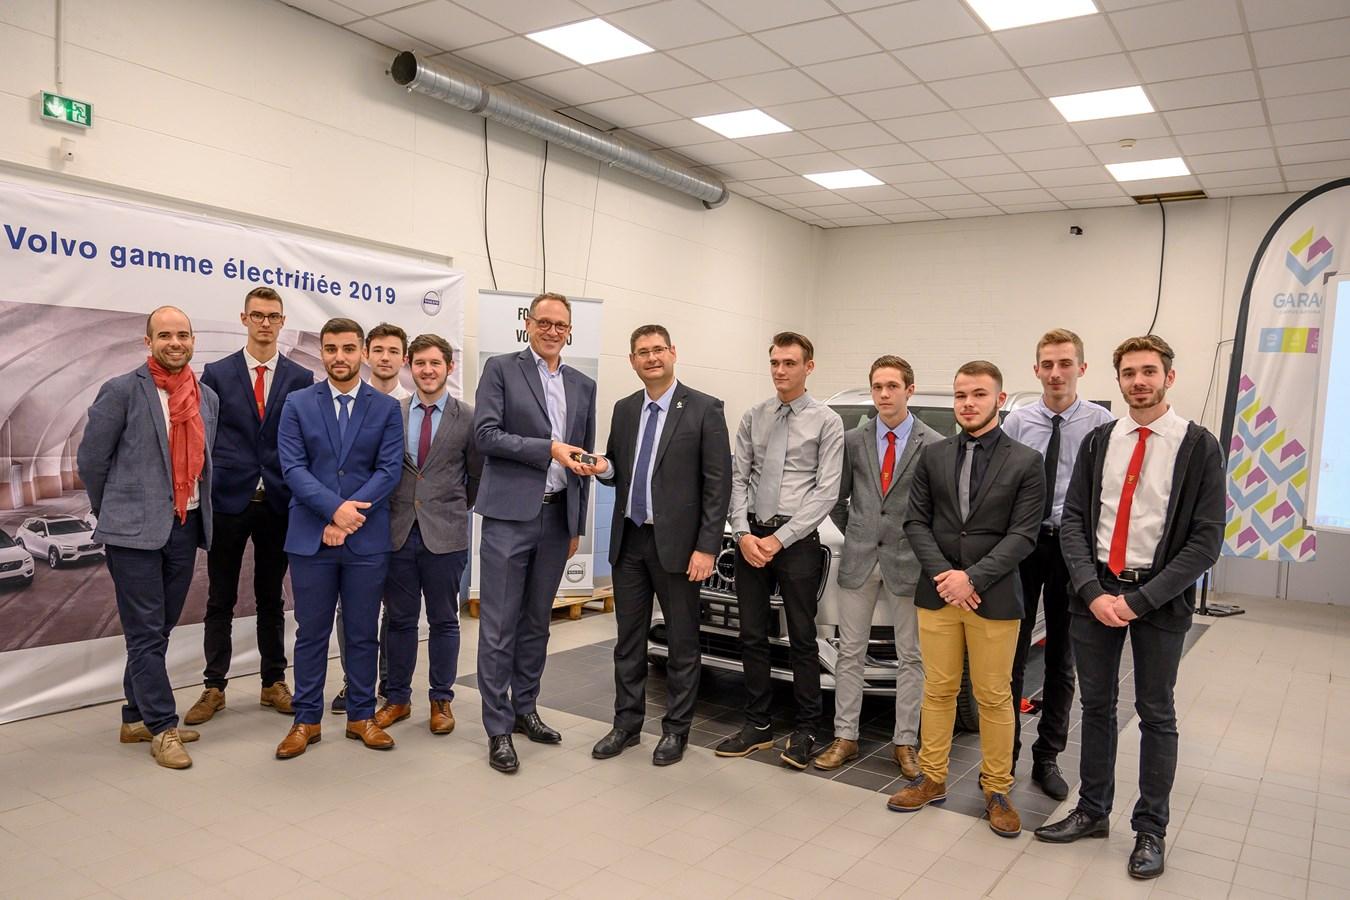 La première promotion Volvo fait sa rentrée au GARAC